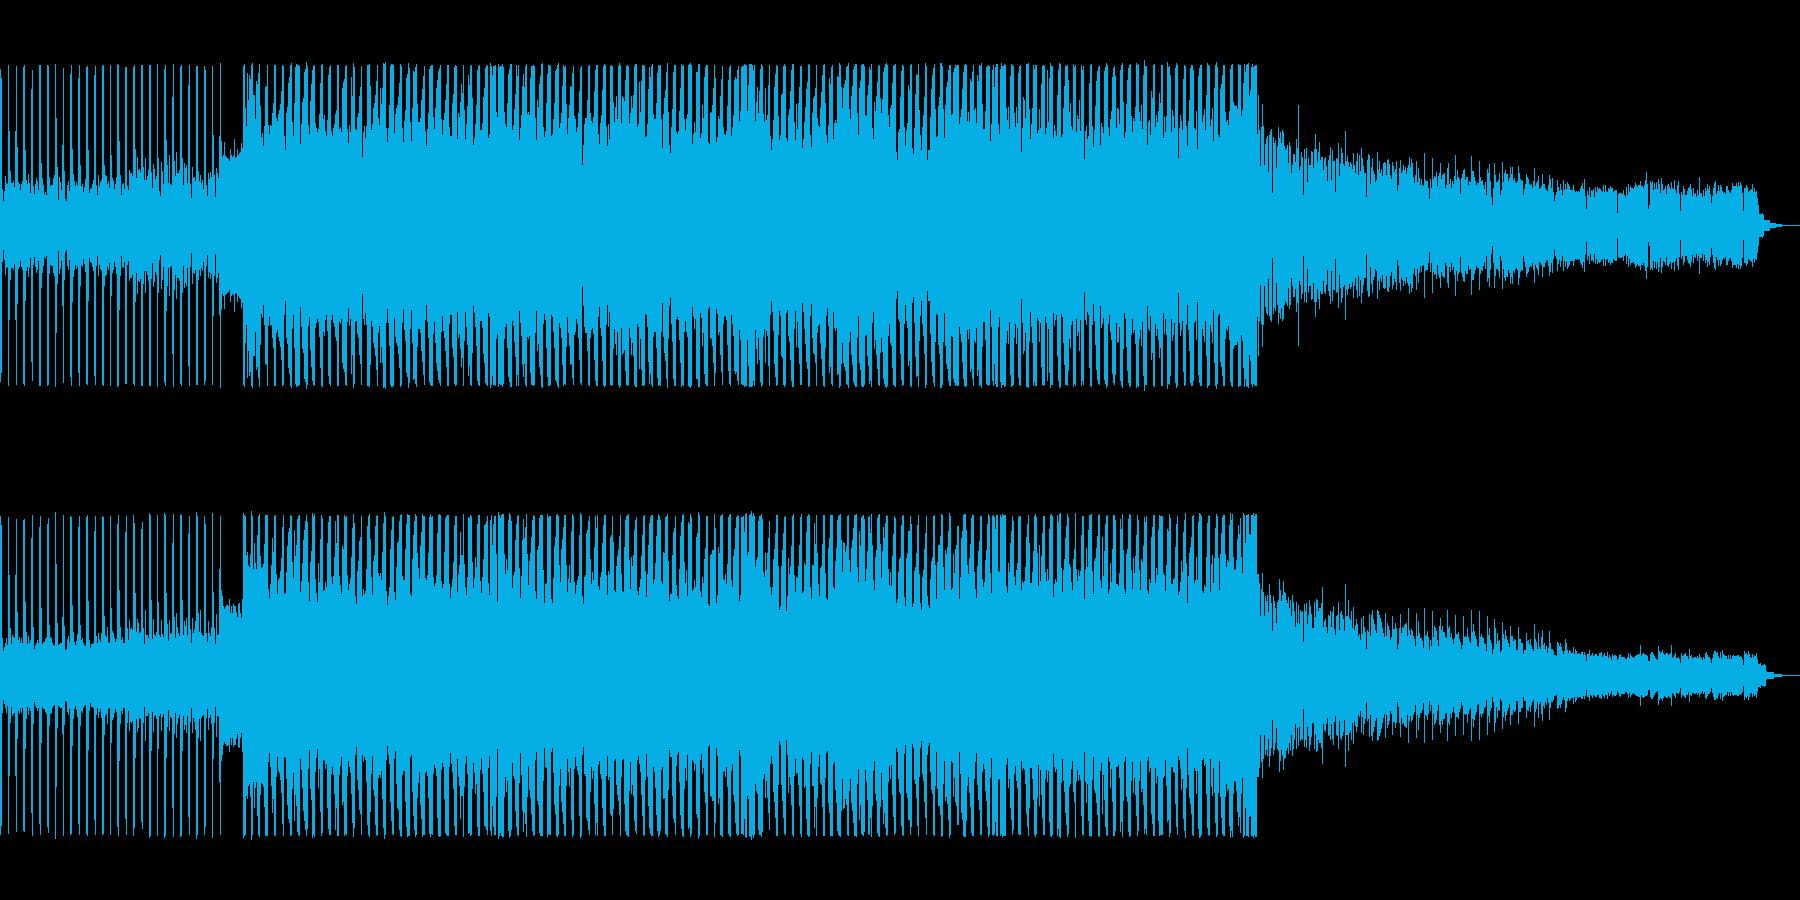 レトロなユーロ系ディスコ・リバイバルの再生済みの波形